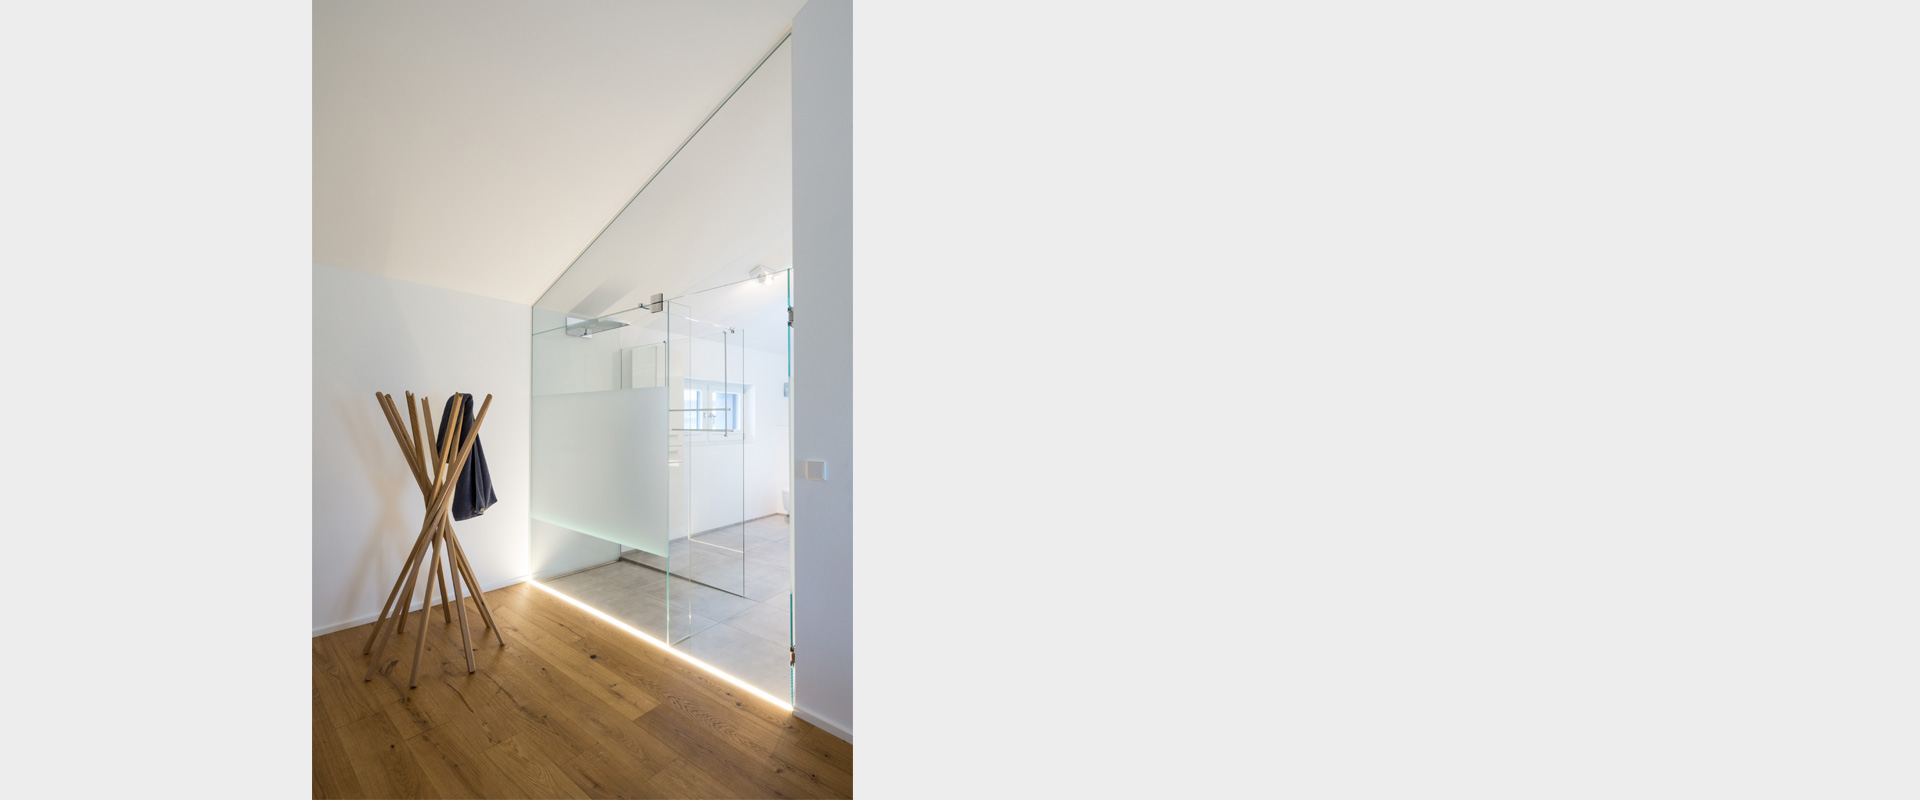 Architekturbüro musahl Waldshut Wohnhaus S. in Oberweschnegg Bad